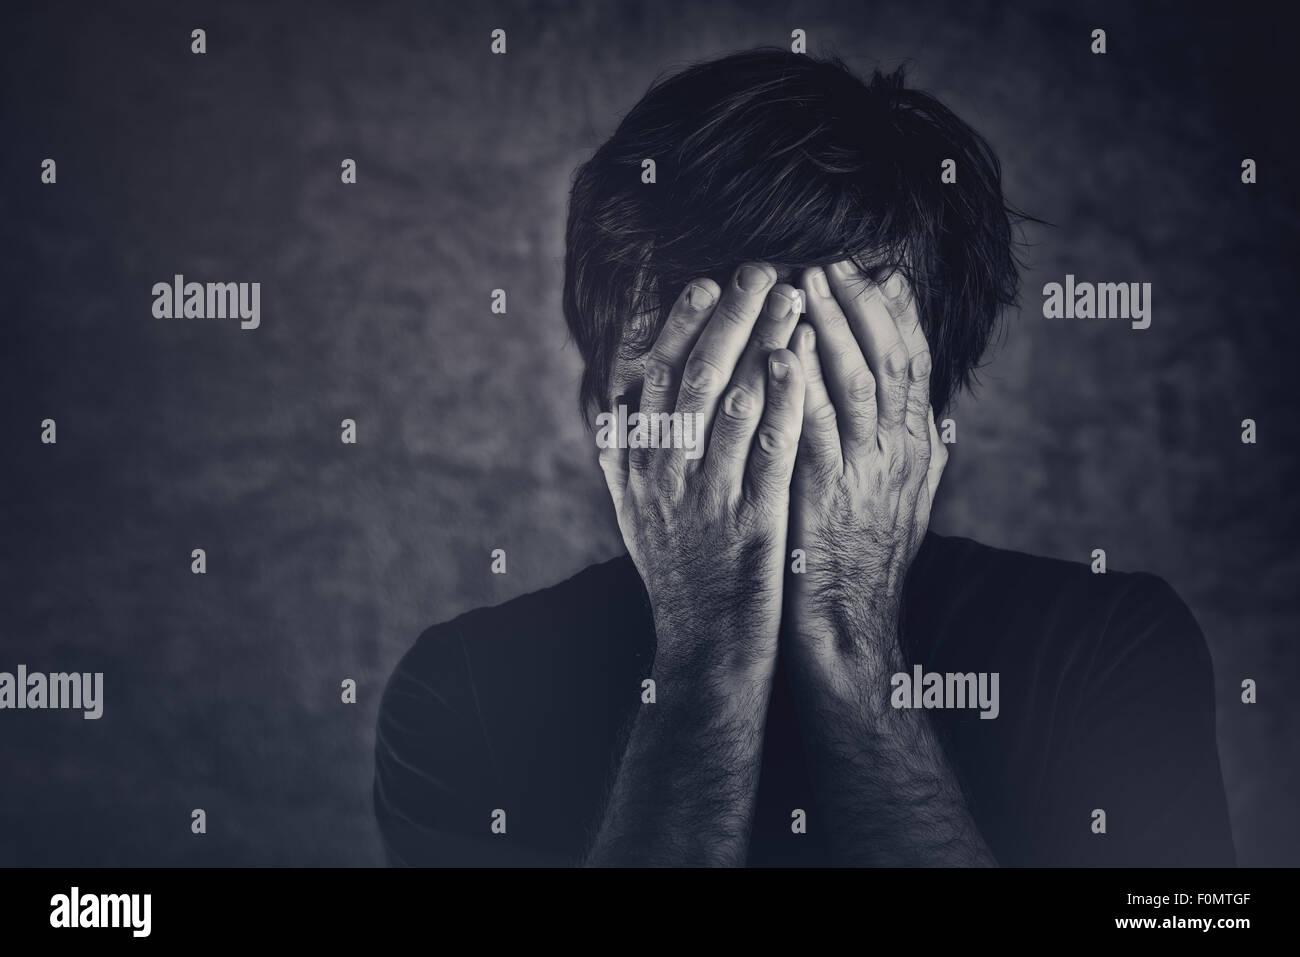 Le chagrin, l'homme qui couvre le visage et de pleurer, image monochromatique Photo Stock